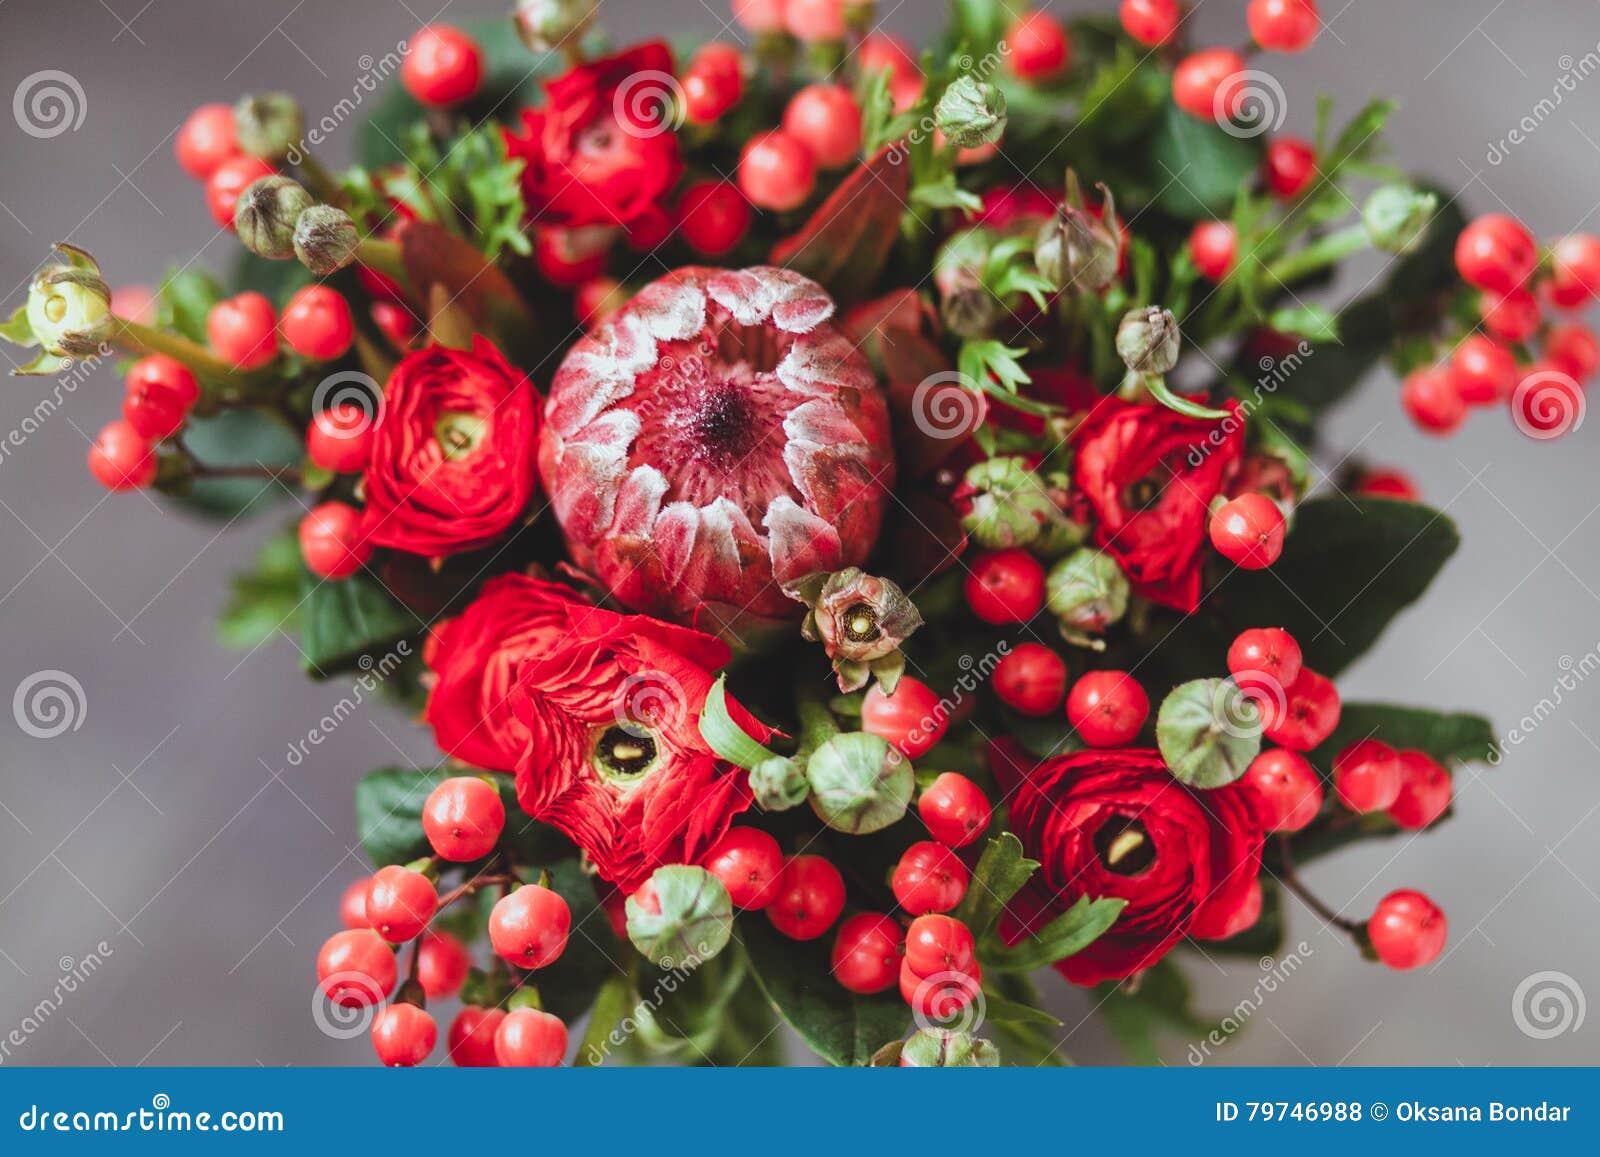 Ramo del Protea y de los ranúnculos en un fondo gris blured